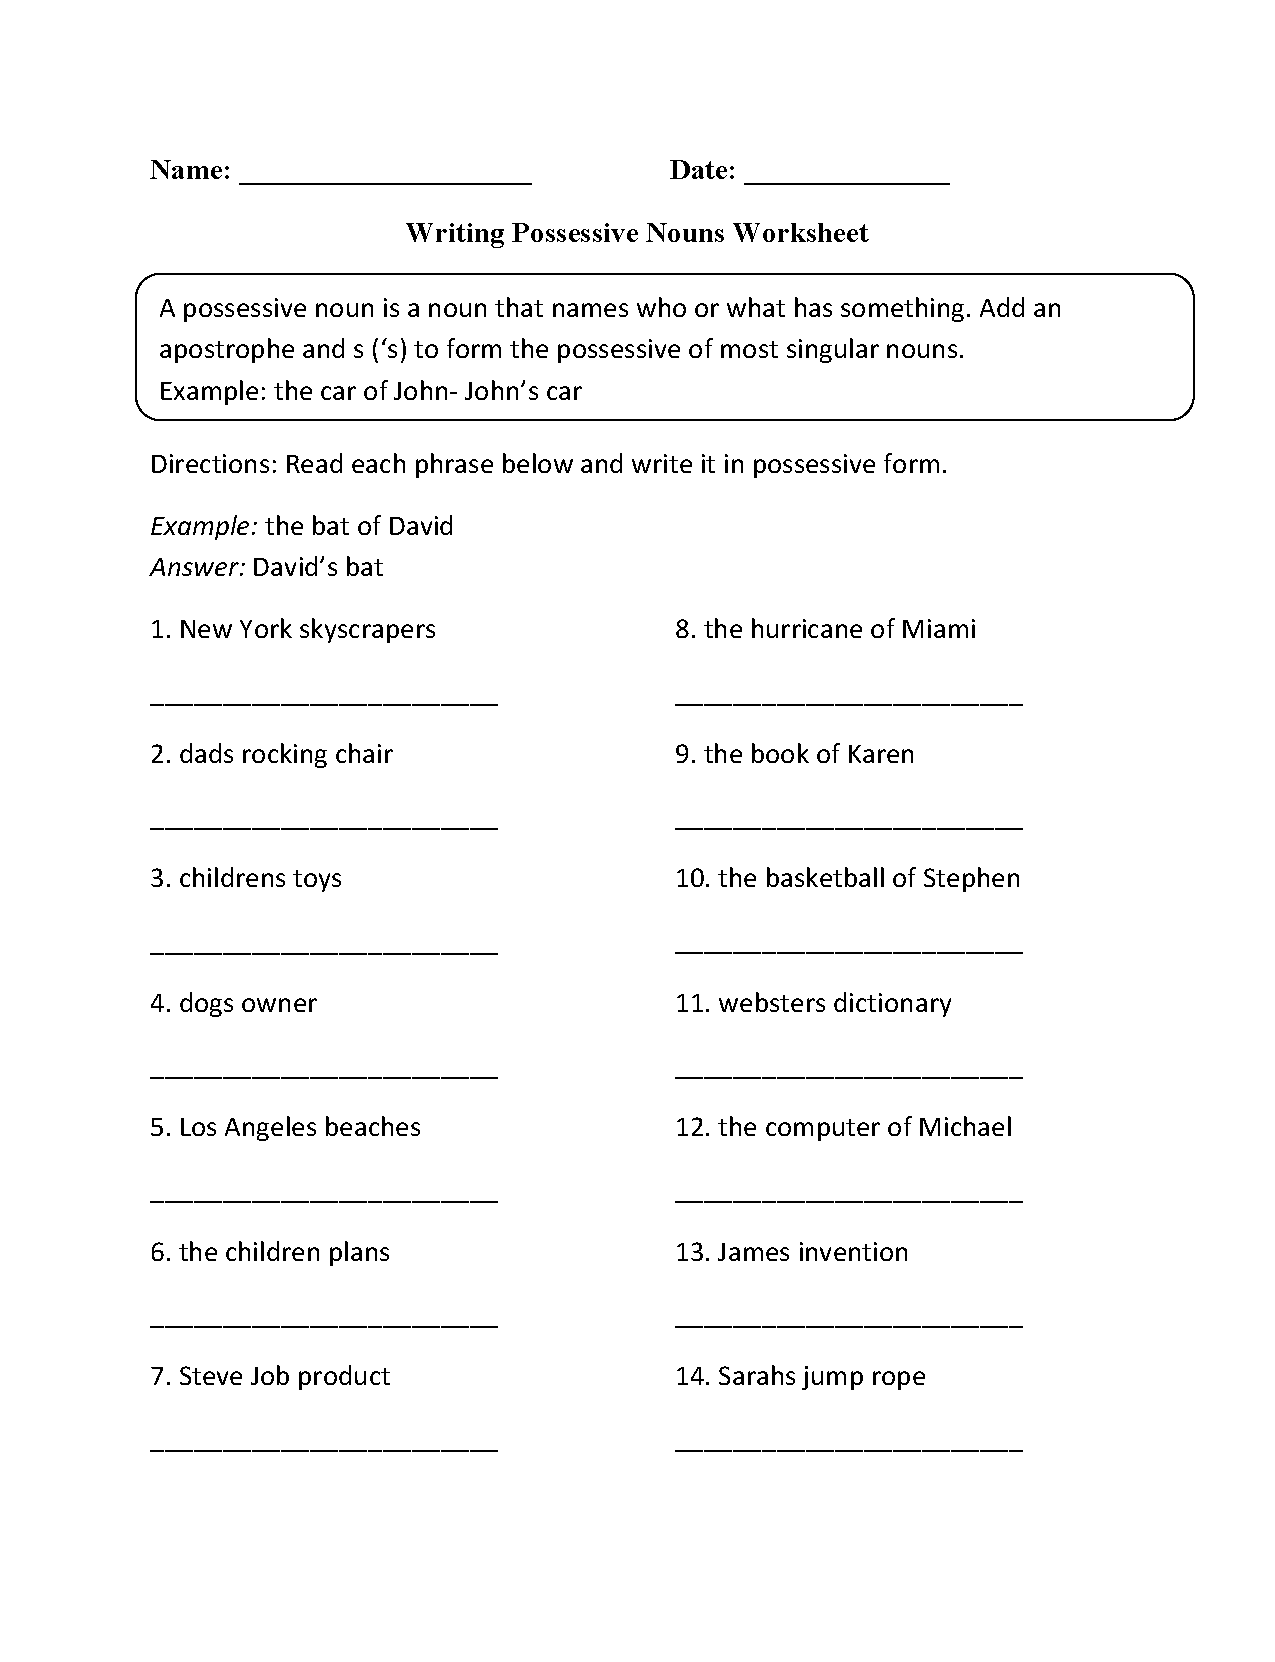 Possessive Nouns 2nd Grade Worksheets The Best Worksheets Image